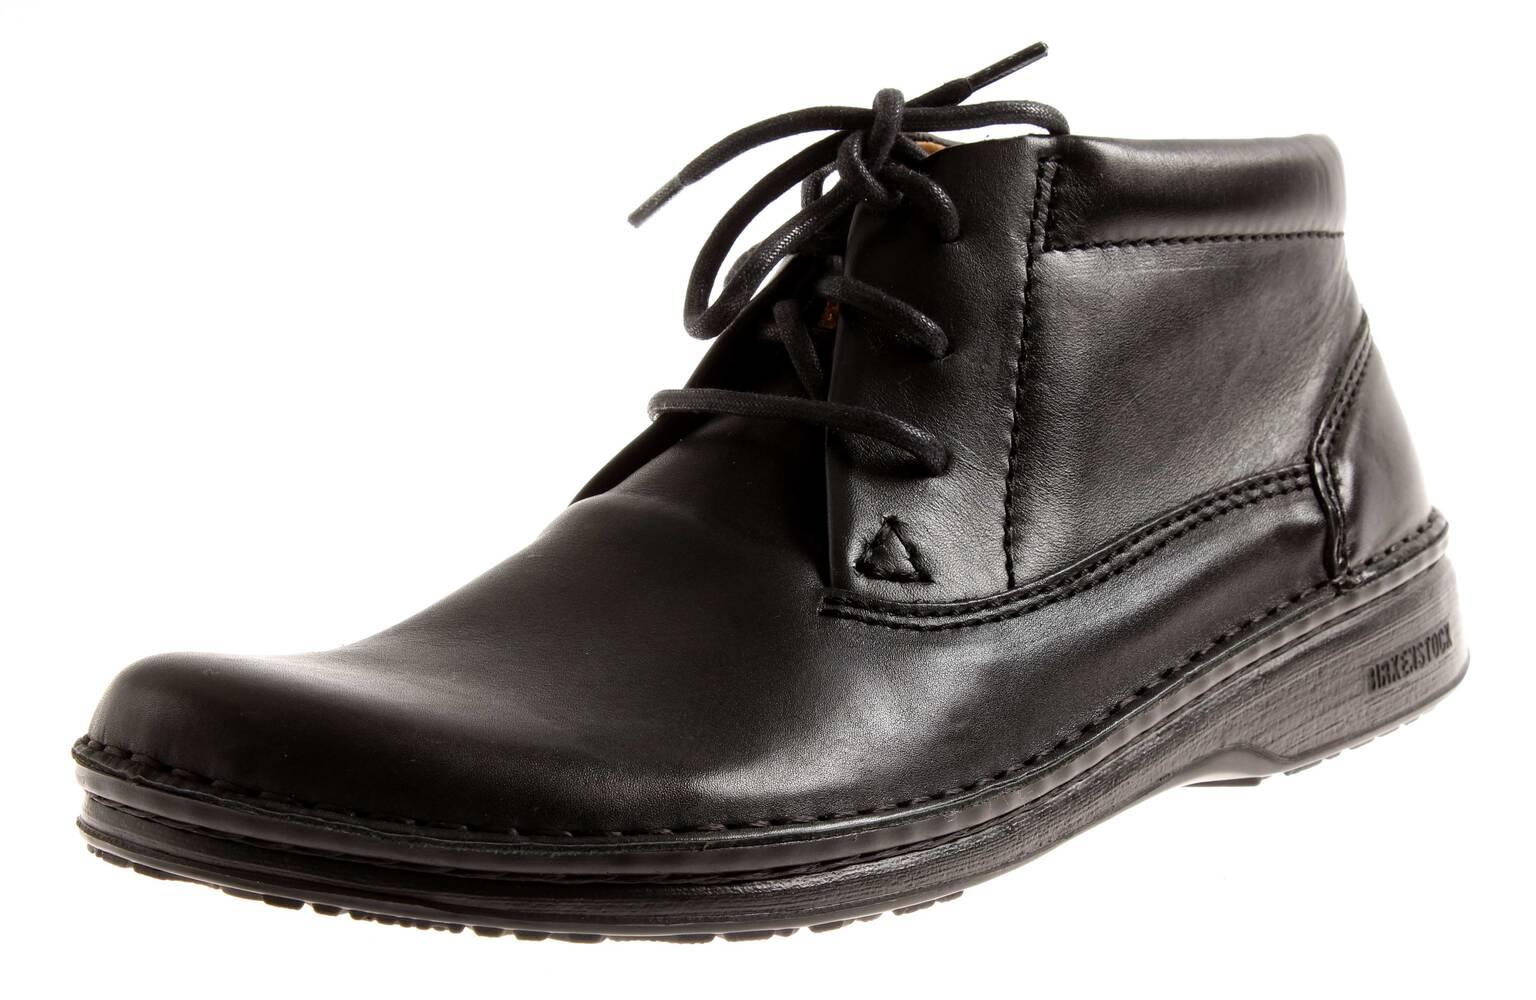 Footprints by Leder Birkenstock Boots Lederstiefel Portland Leder by Boot schmal f77a4b